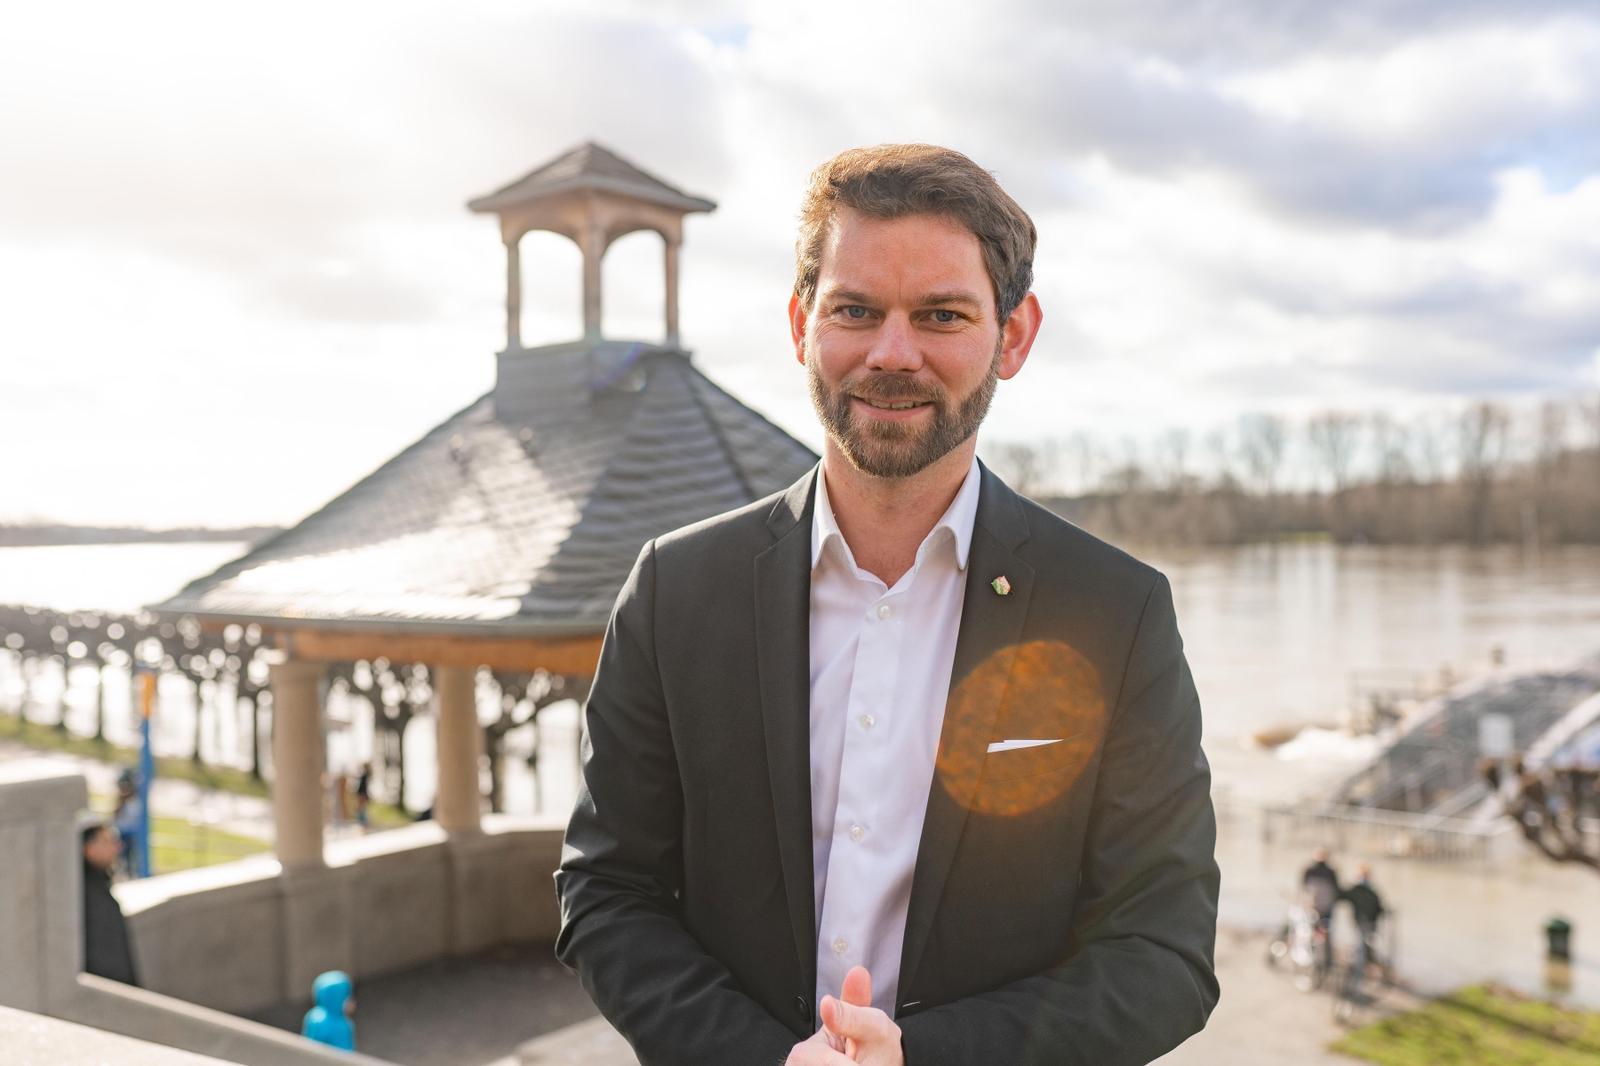 Erster Kölner CDU-Kandidat für Landtagswahl 2022 aufgestellt